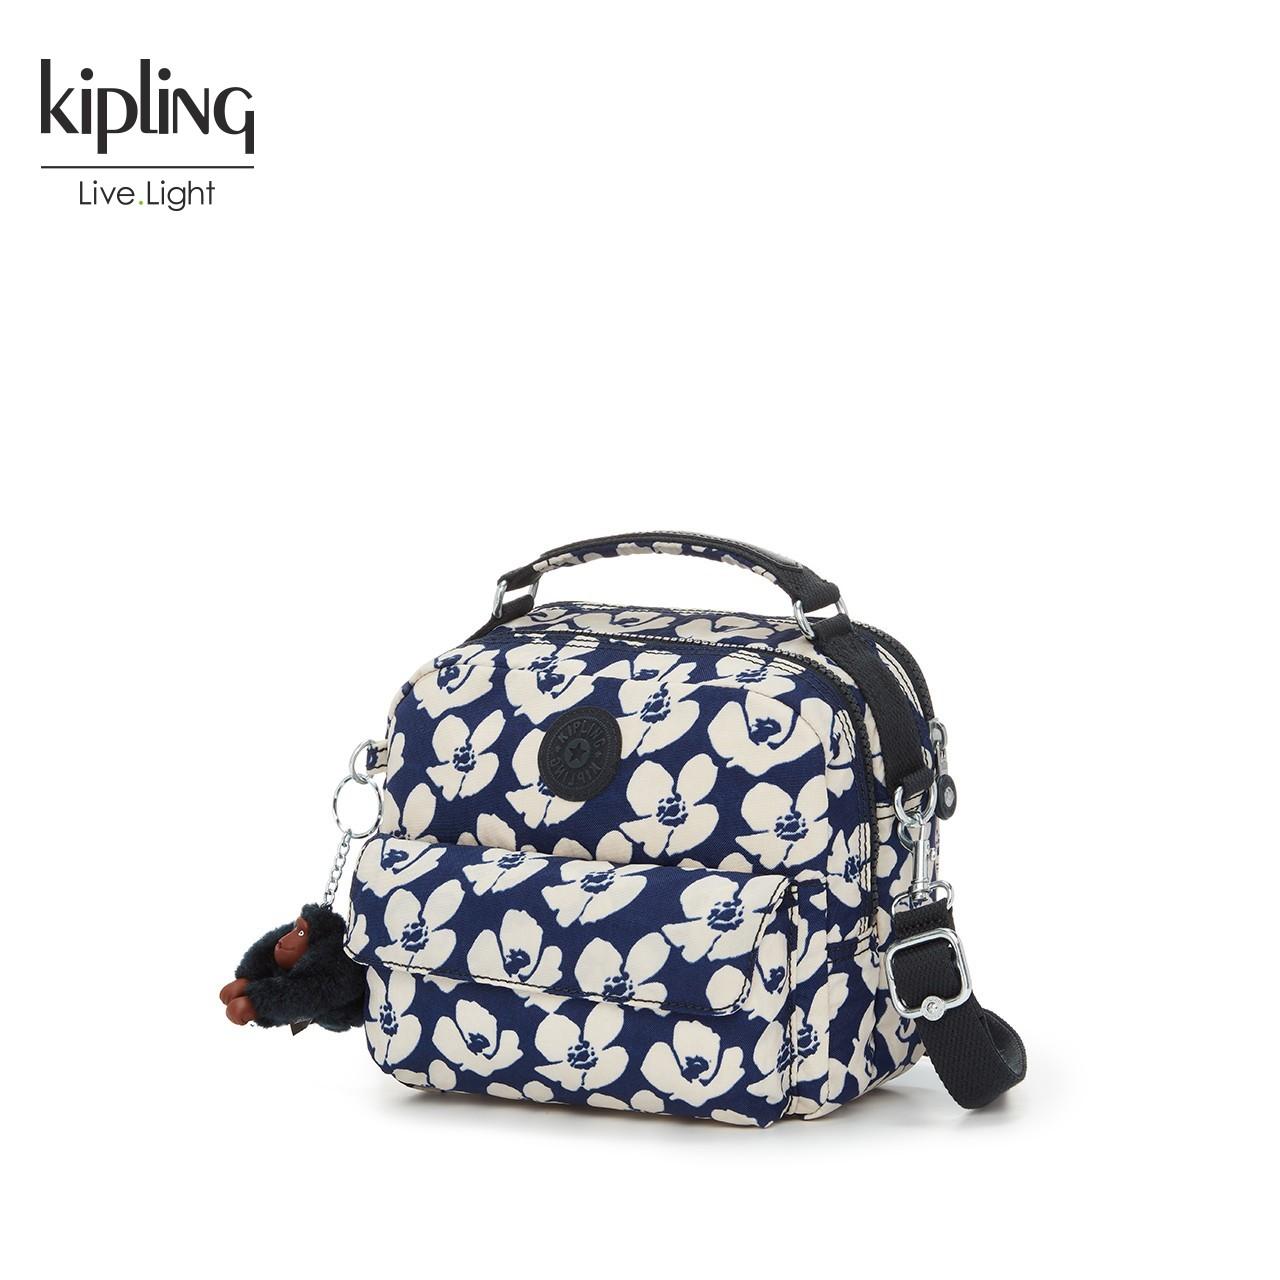 Kipling斜挎包女2018新款女包双肩背包K04472单肩手提包百变包包